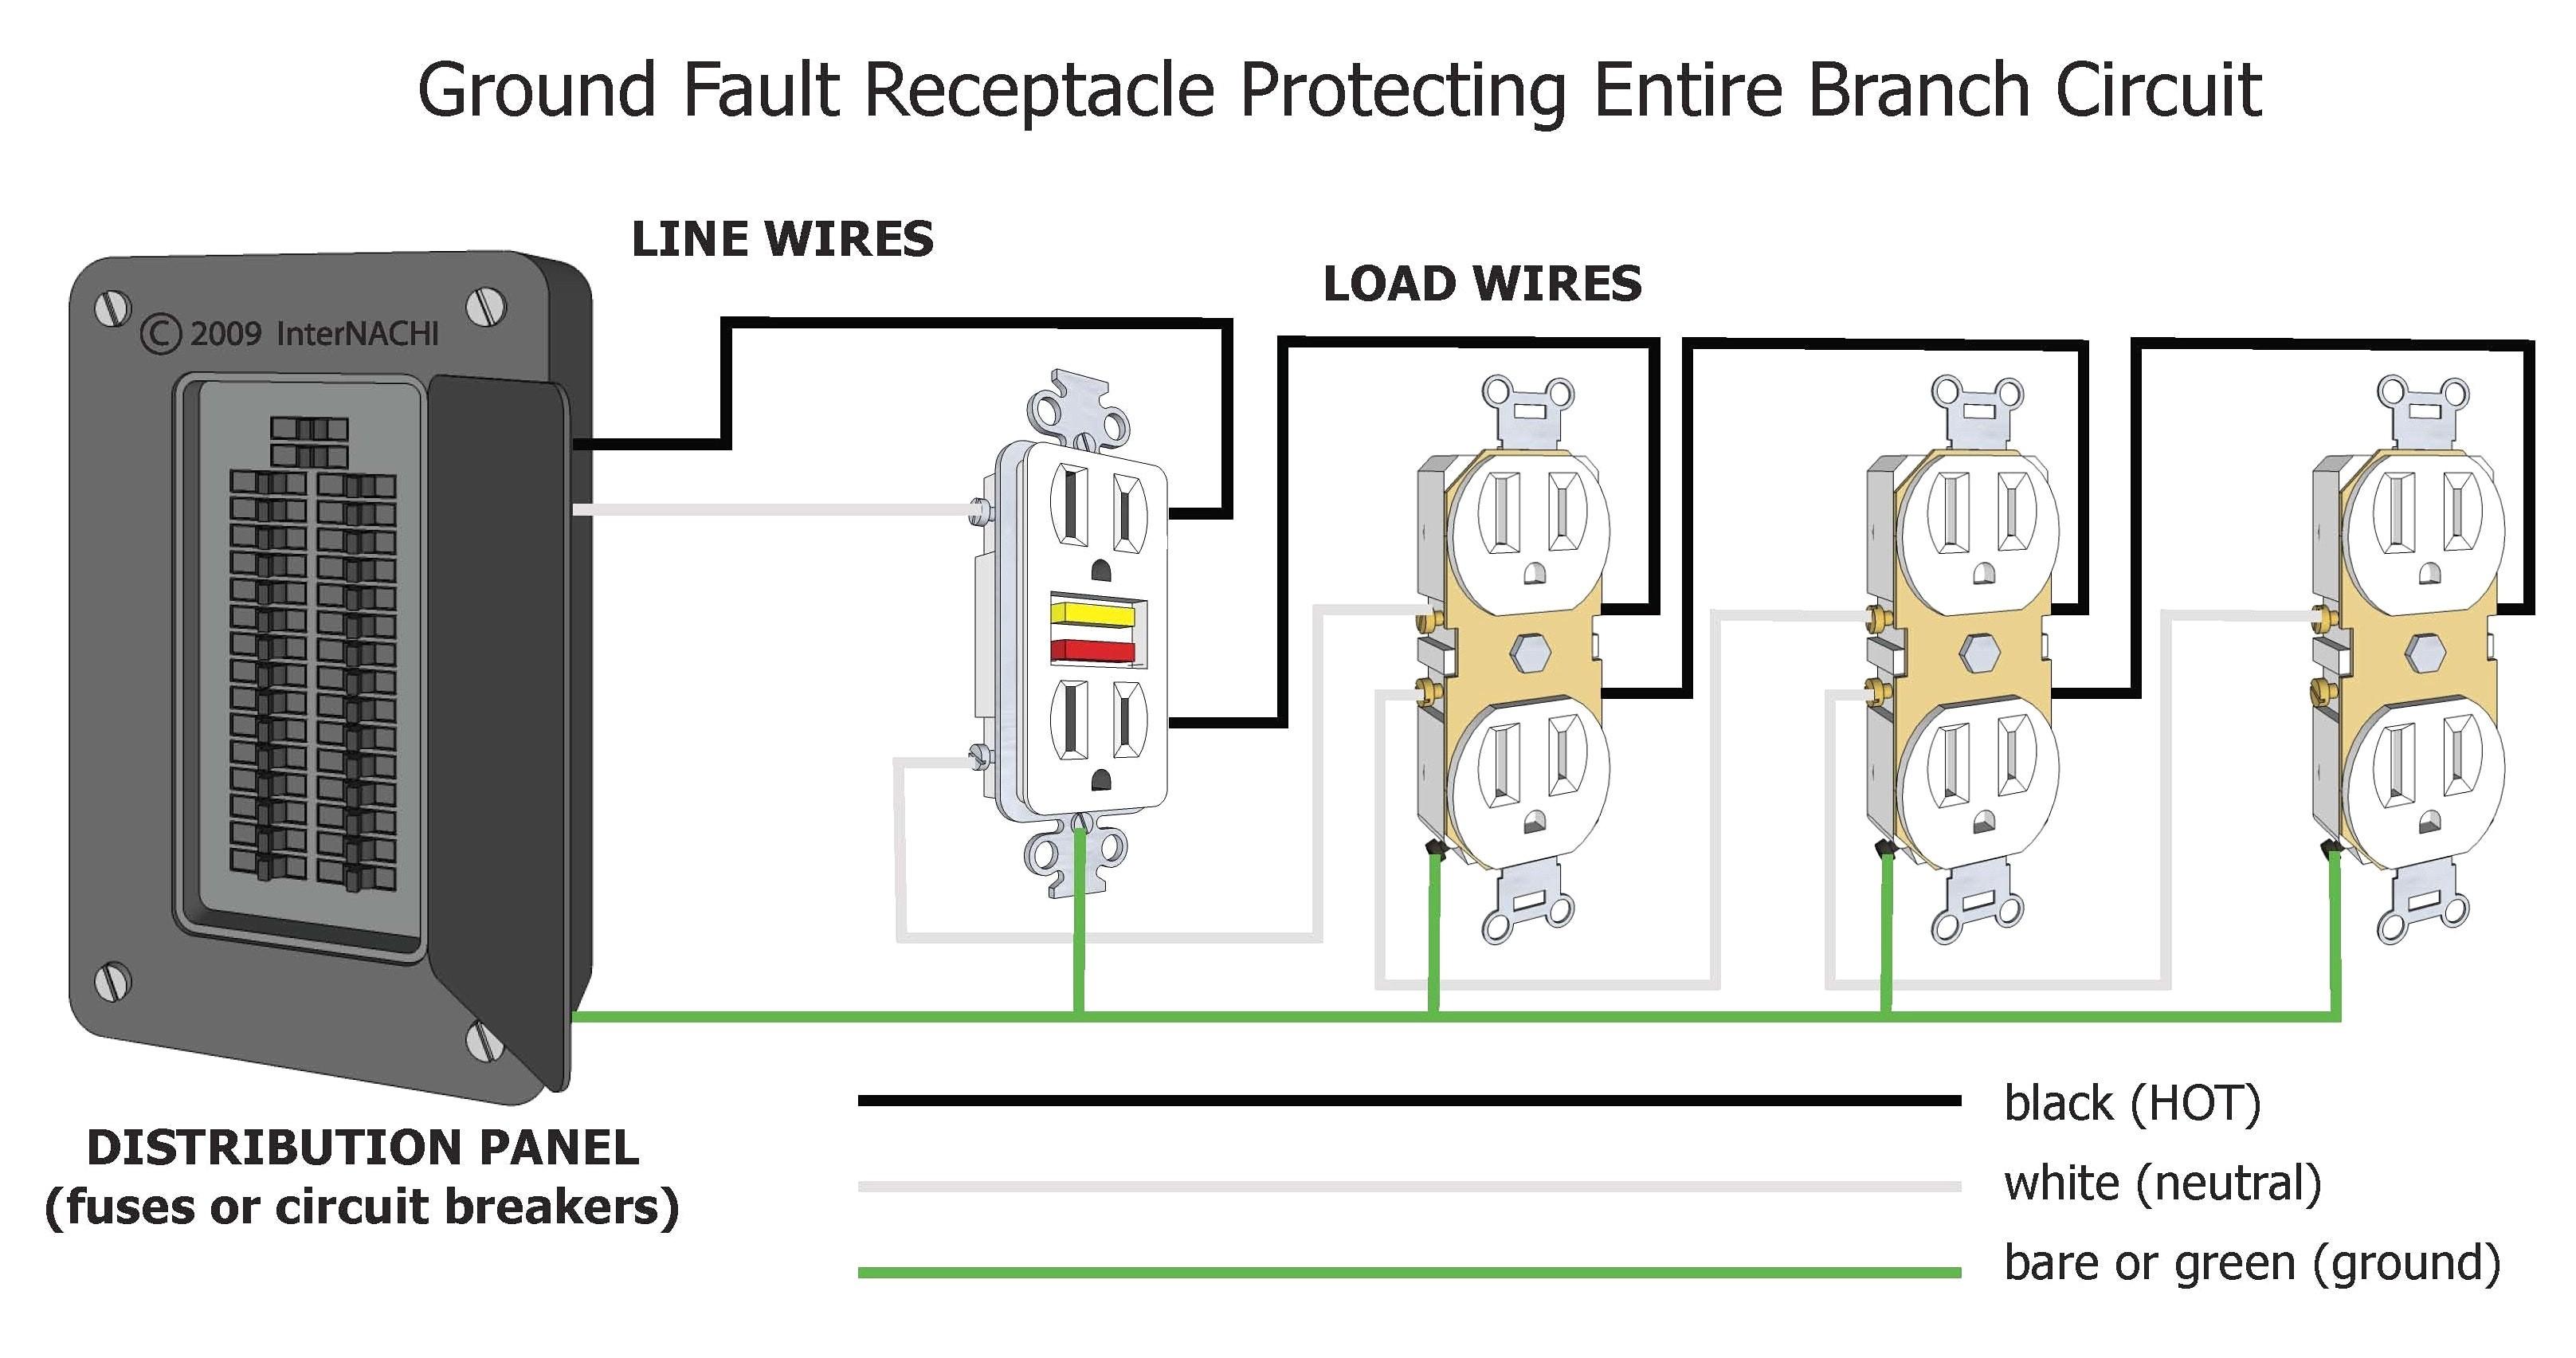 Garbage Disposal Wiring Diagram | Wiring Diagram on